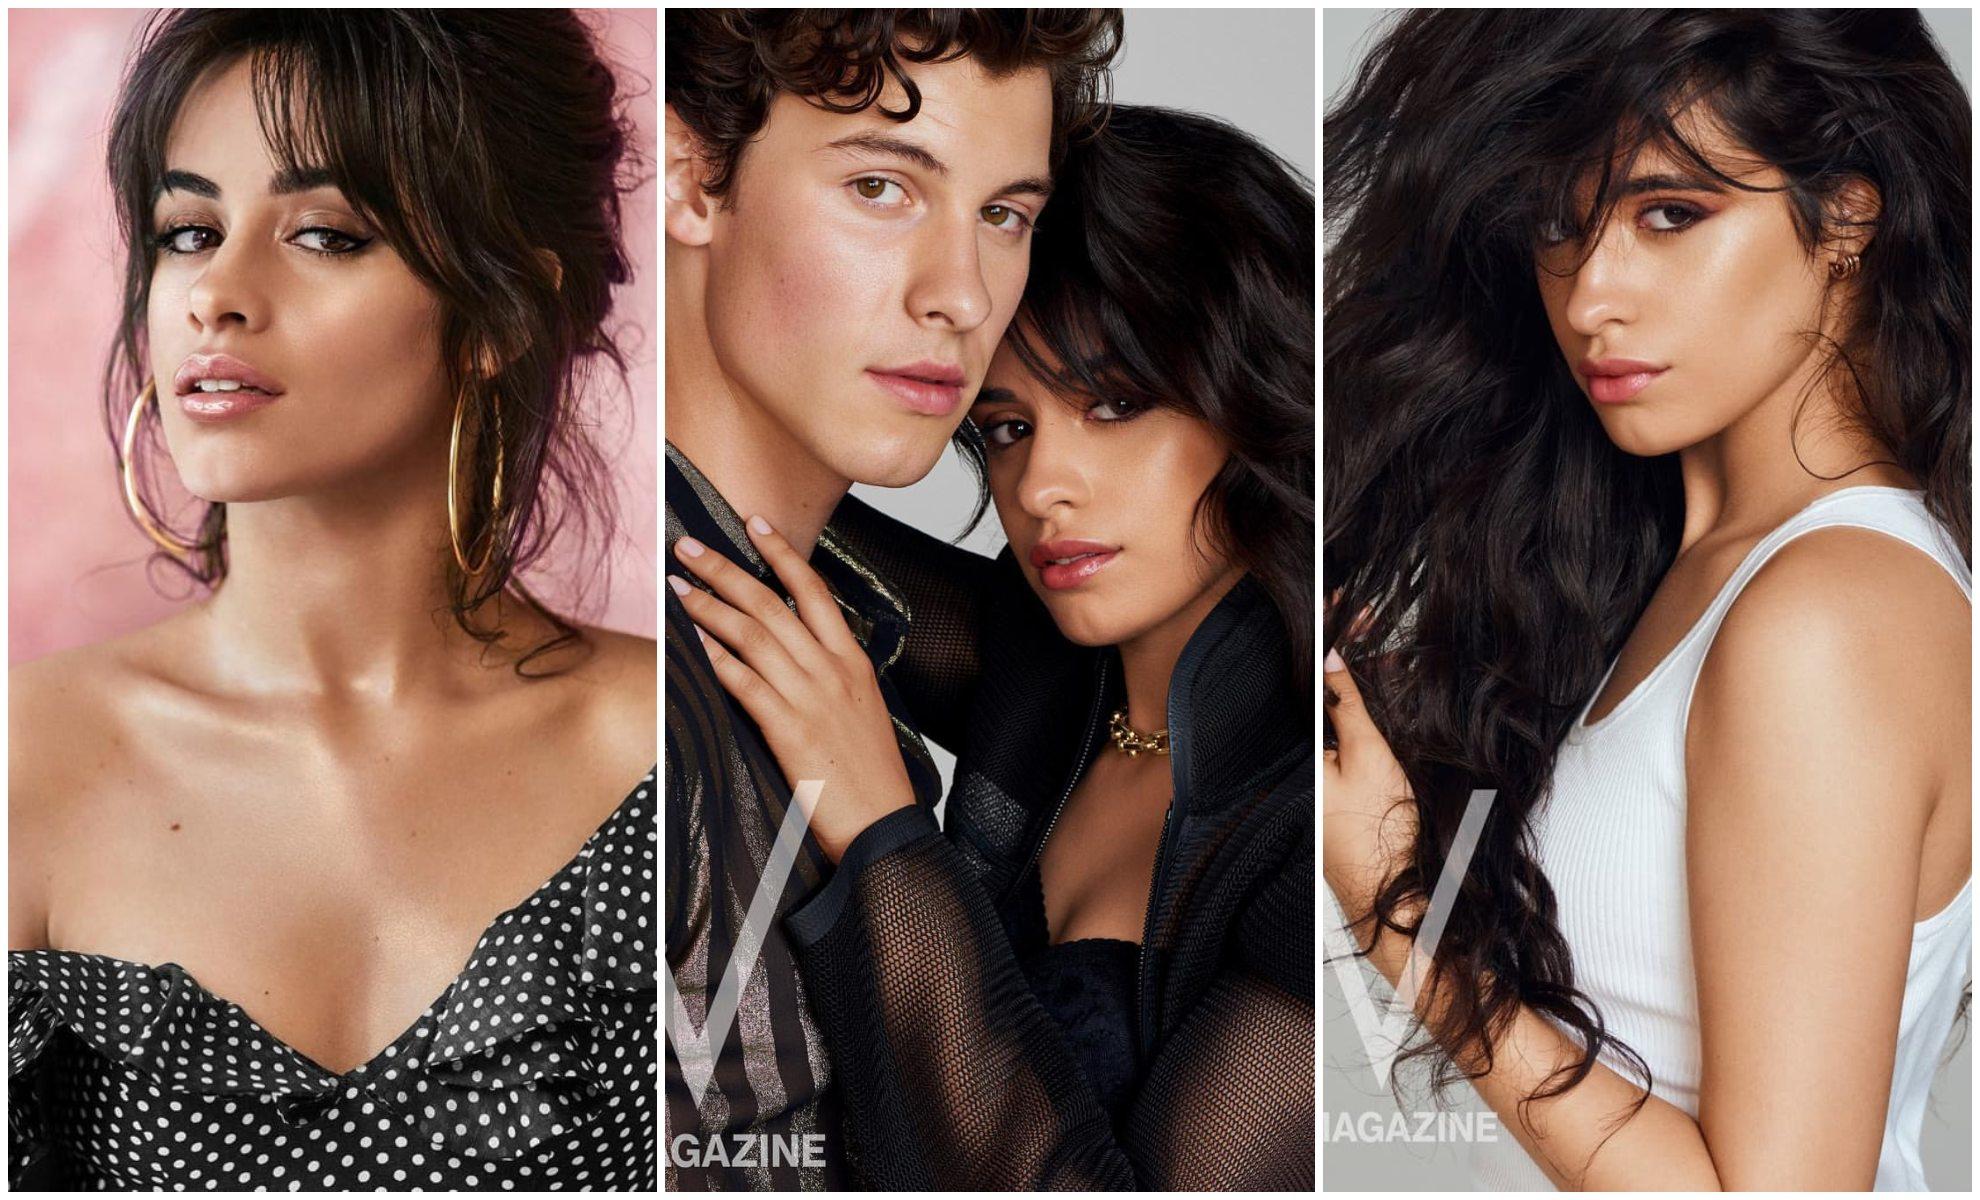 ส่องเมคอัพลุค Camila Cabello สาวคนสนิท Shawn Mendes หรือรักนอกจอนะ!?